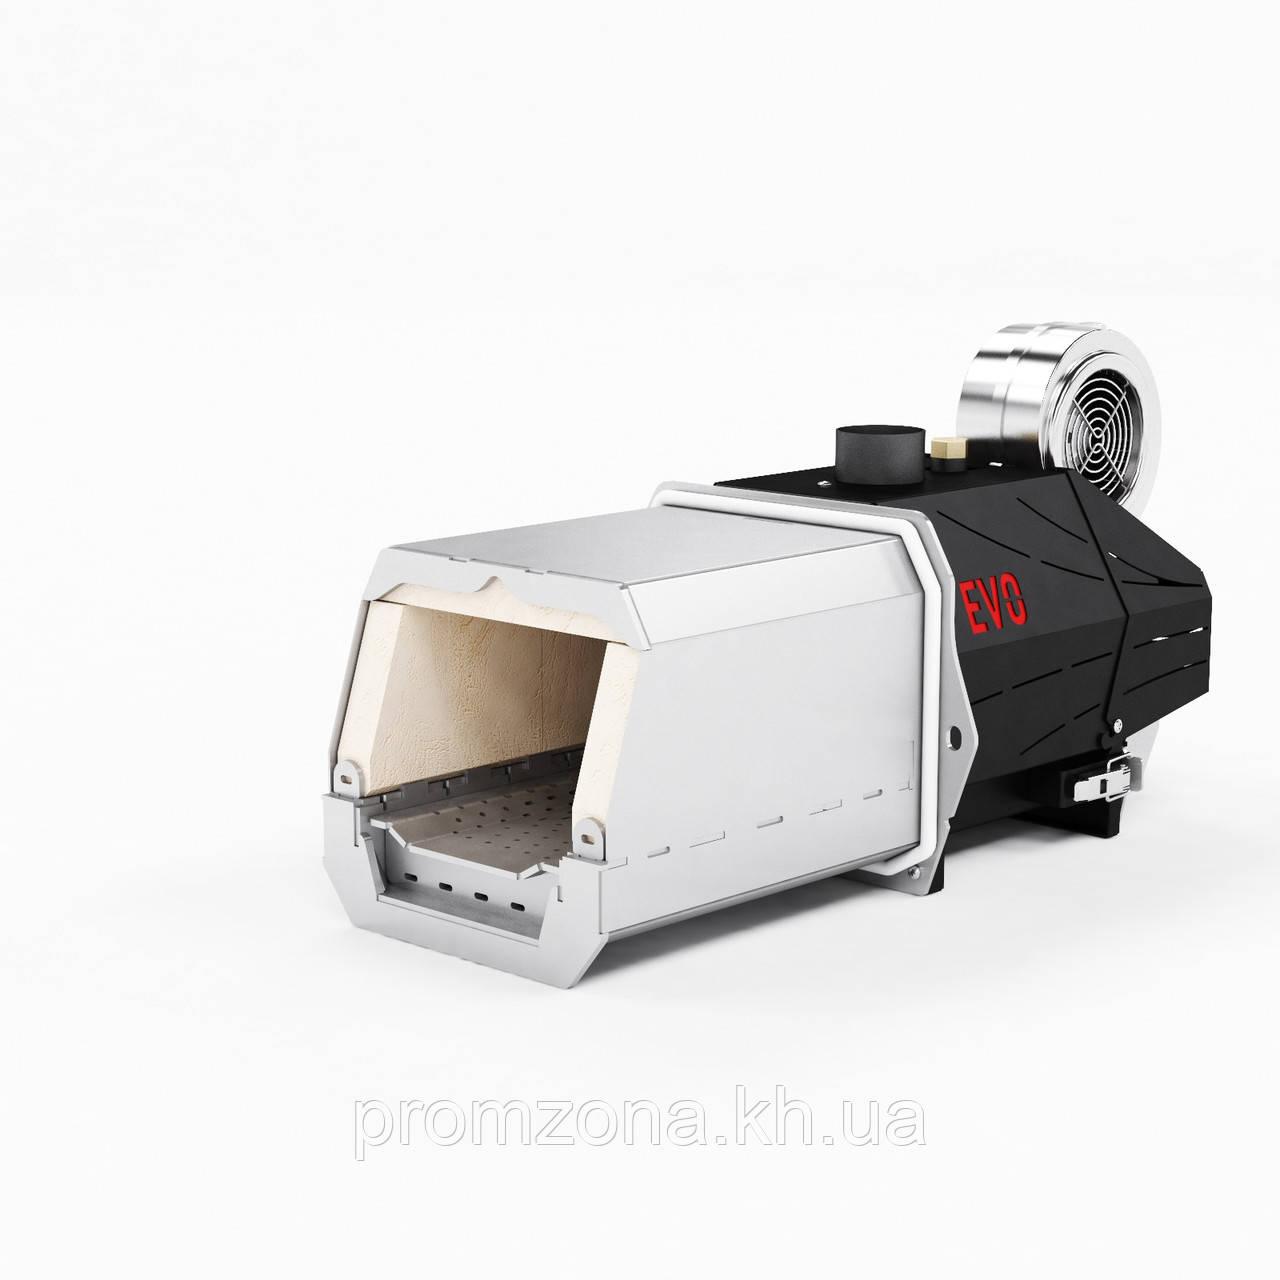 Пеллетная горелка OXI EVO 82 кВт